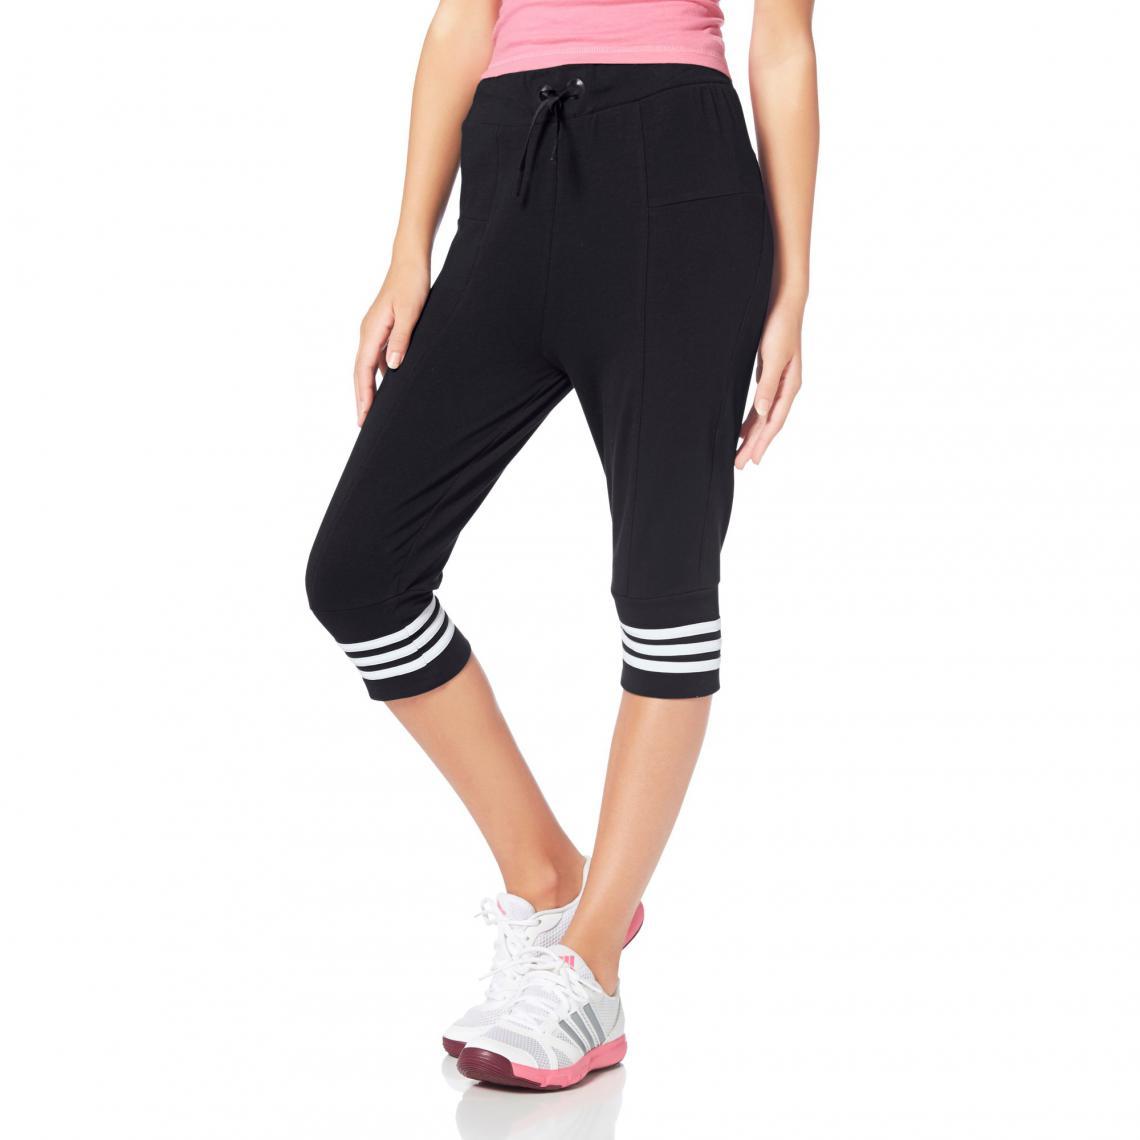 e9d22f28b4f08 Pantacourt de sport taille élastiquée enfant adidas Performance - Noir  Adidas Performance Enfant